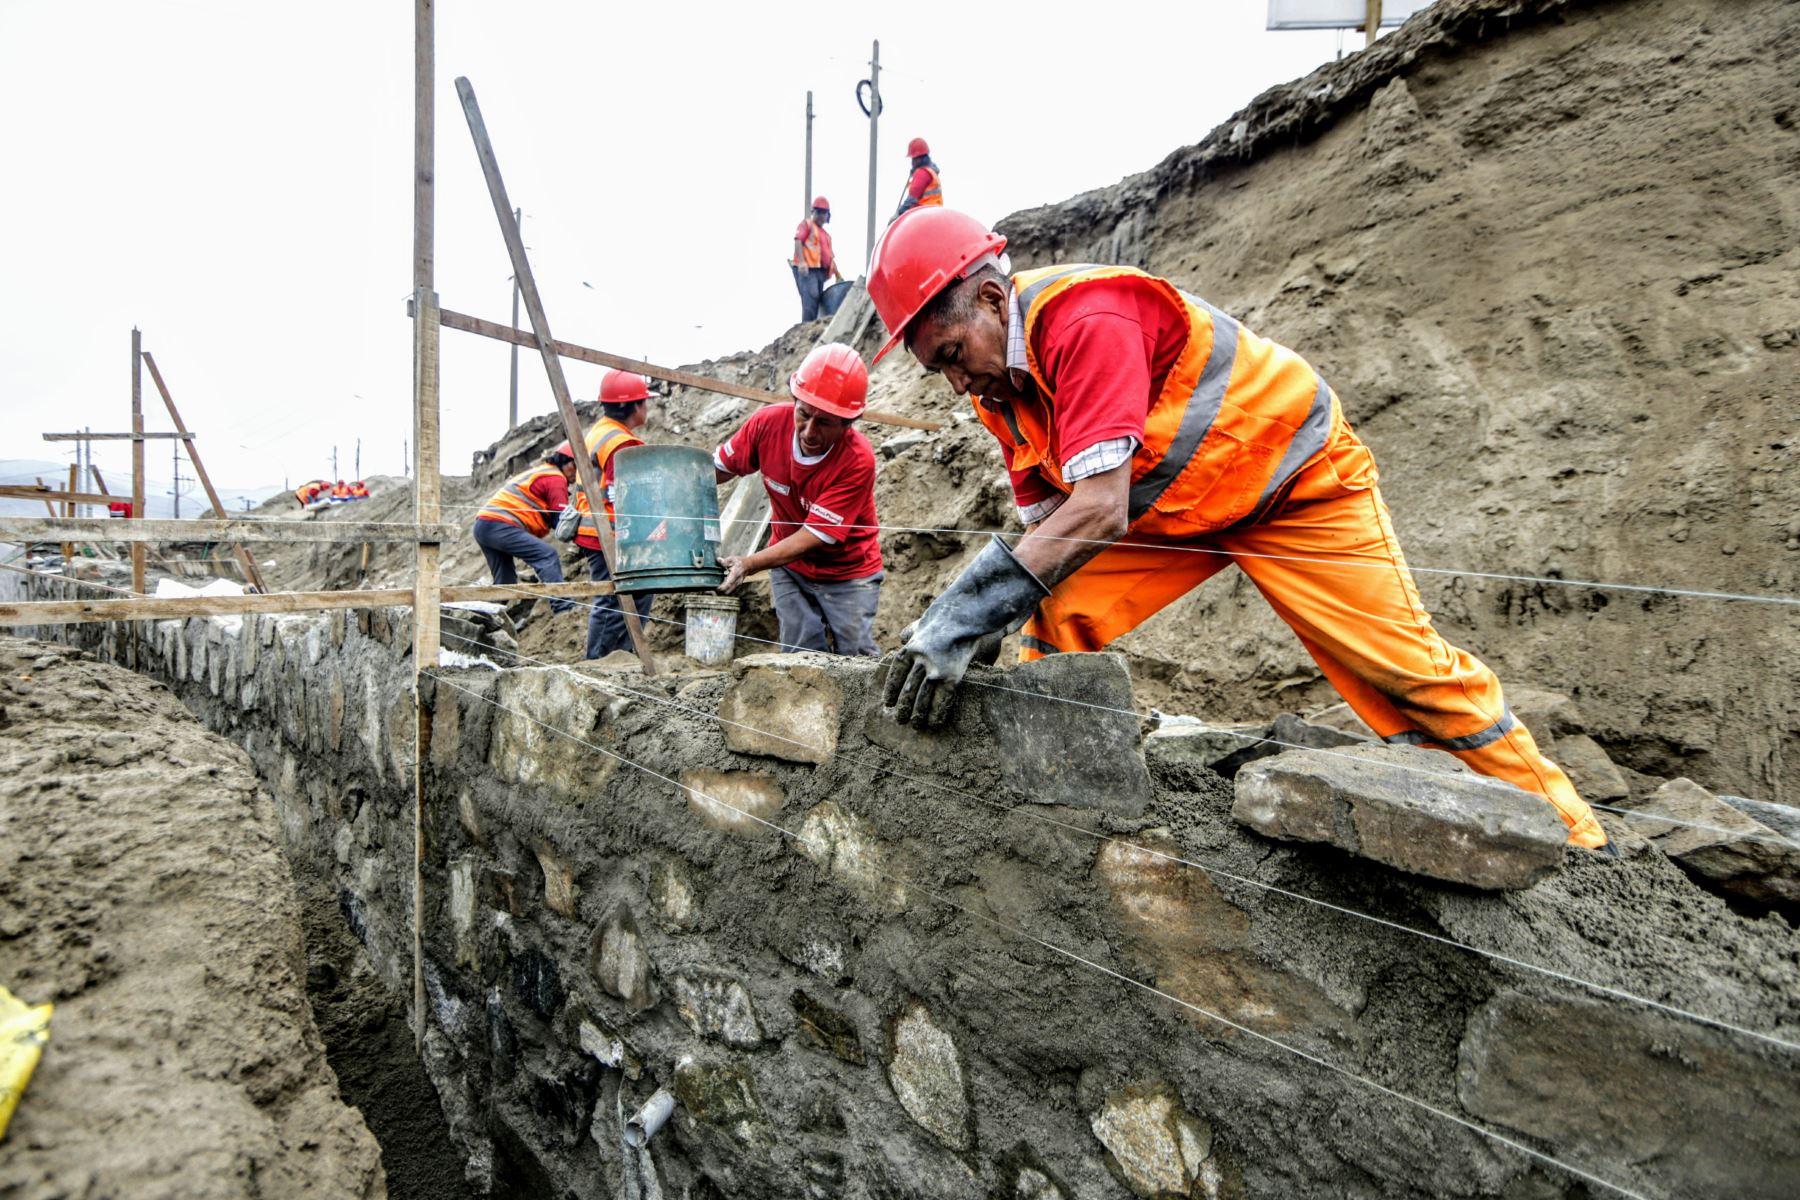 Ministerio de Trabajo creará 5,900 empleos en favor de pobres extremos de 10 regiones. ANDINA/Luis Iparraguirre